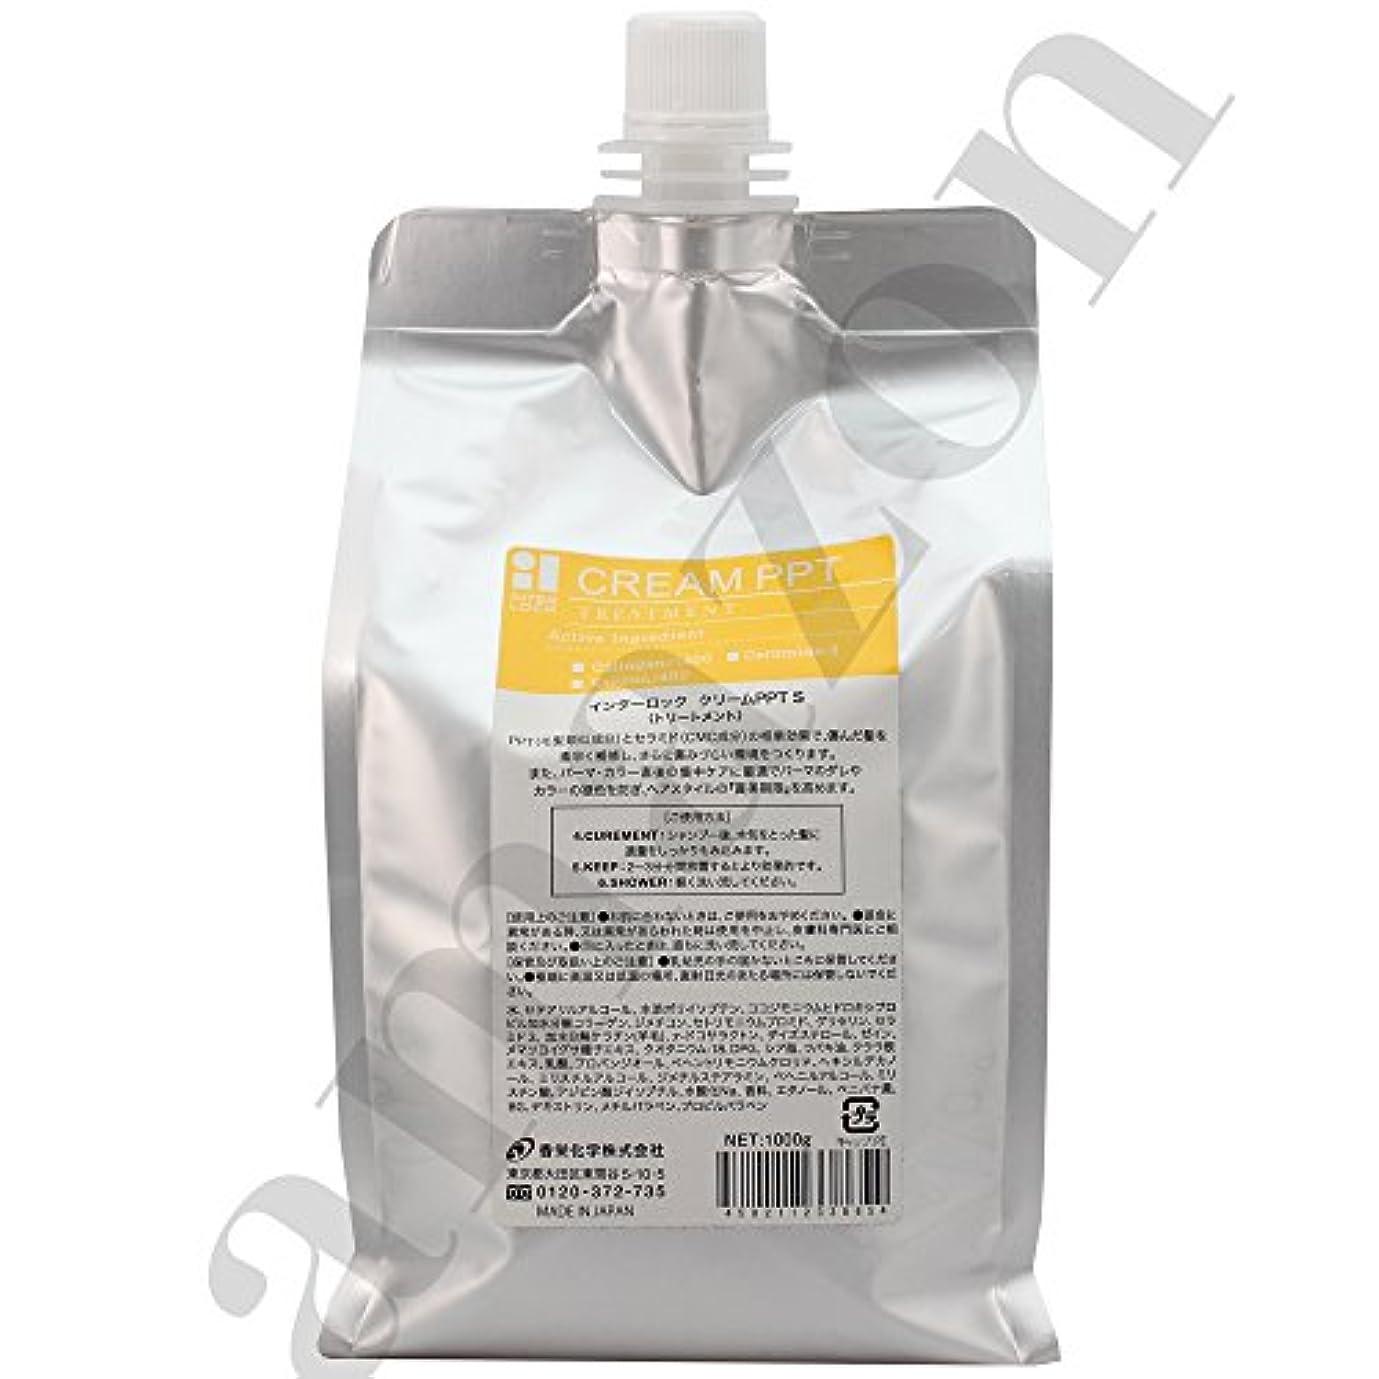 眼インフレーション襟香栄化学 インターロック クリームPPT S レフィル 1000g